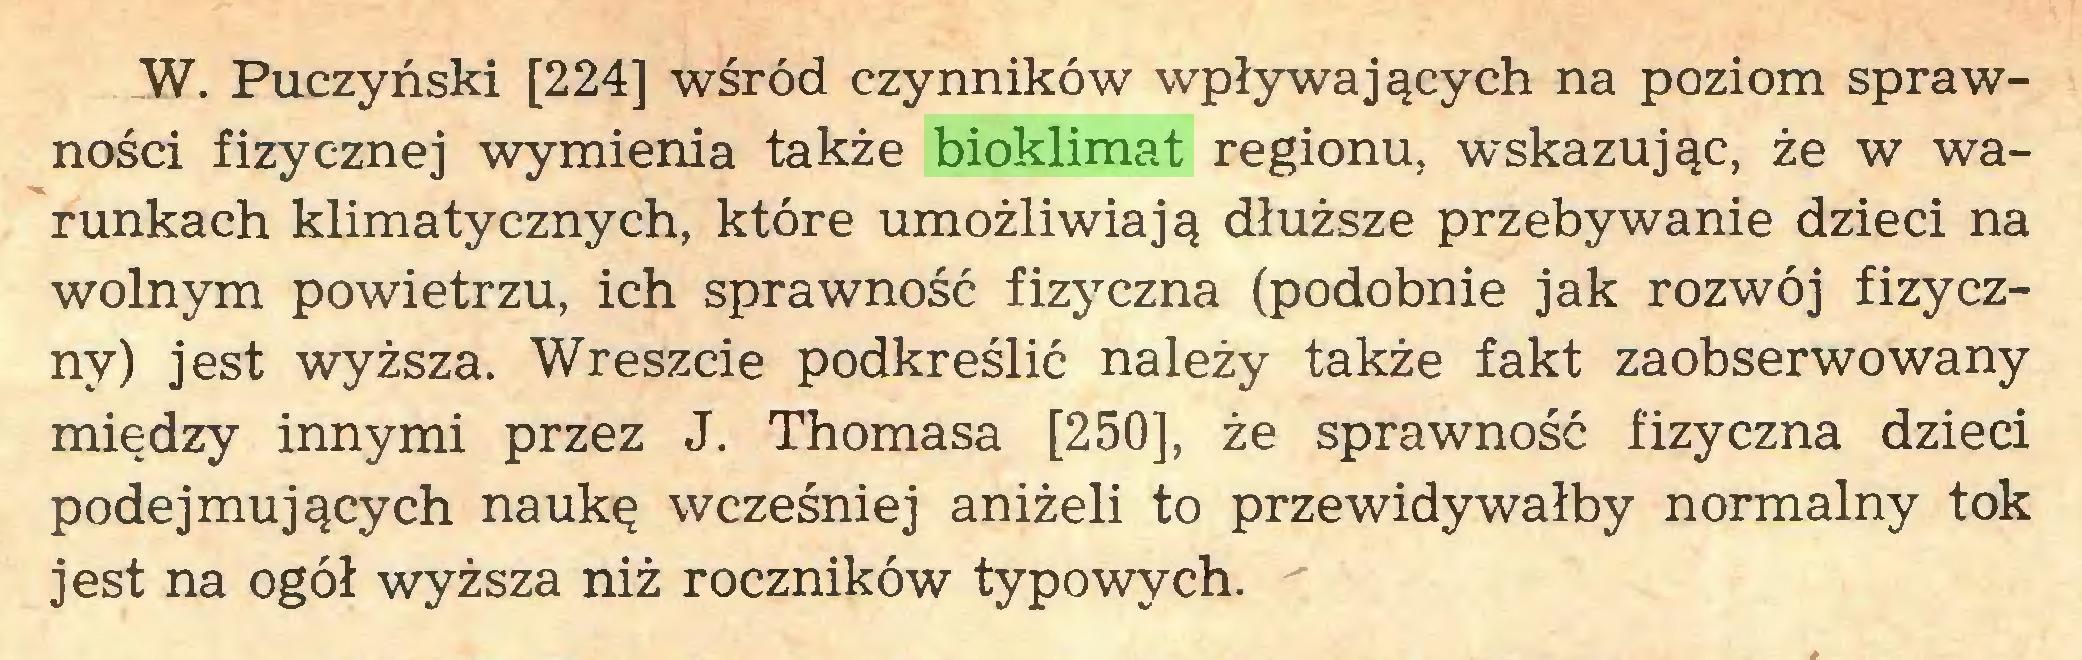 (...) W. Puczyński [224] wśród czynników wpływających na poziom sprawności fizycznej wymienia także bioklimat regionu, wskazując, że w warunkach klimatycznych, które umożliwiają dłuższe przebywanie dzieci na wolnym powietrzu, ich sprawność fizyczna (podobnie jak rozwój fizyczny) jest wyższa. Wreszcie podkreślić należy także fakt zaobserwowany między innymi przez J. Thomasa [250], że sprawność fizyczna dzieci podejmujących naukę wcześniej aniżeli to przewidywałby normalny tok jest na ogół wyższa niż roczników typowych...